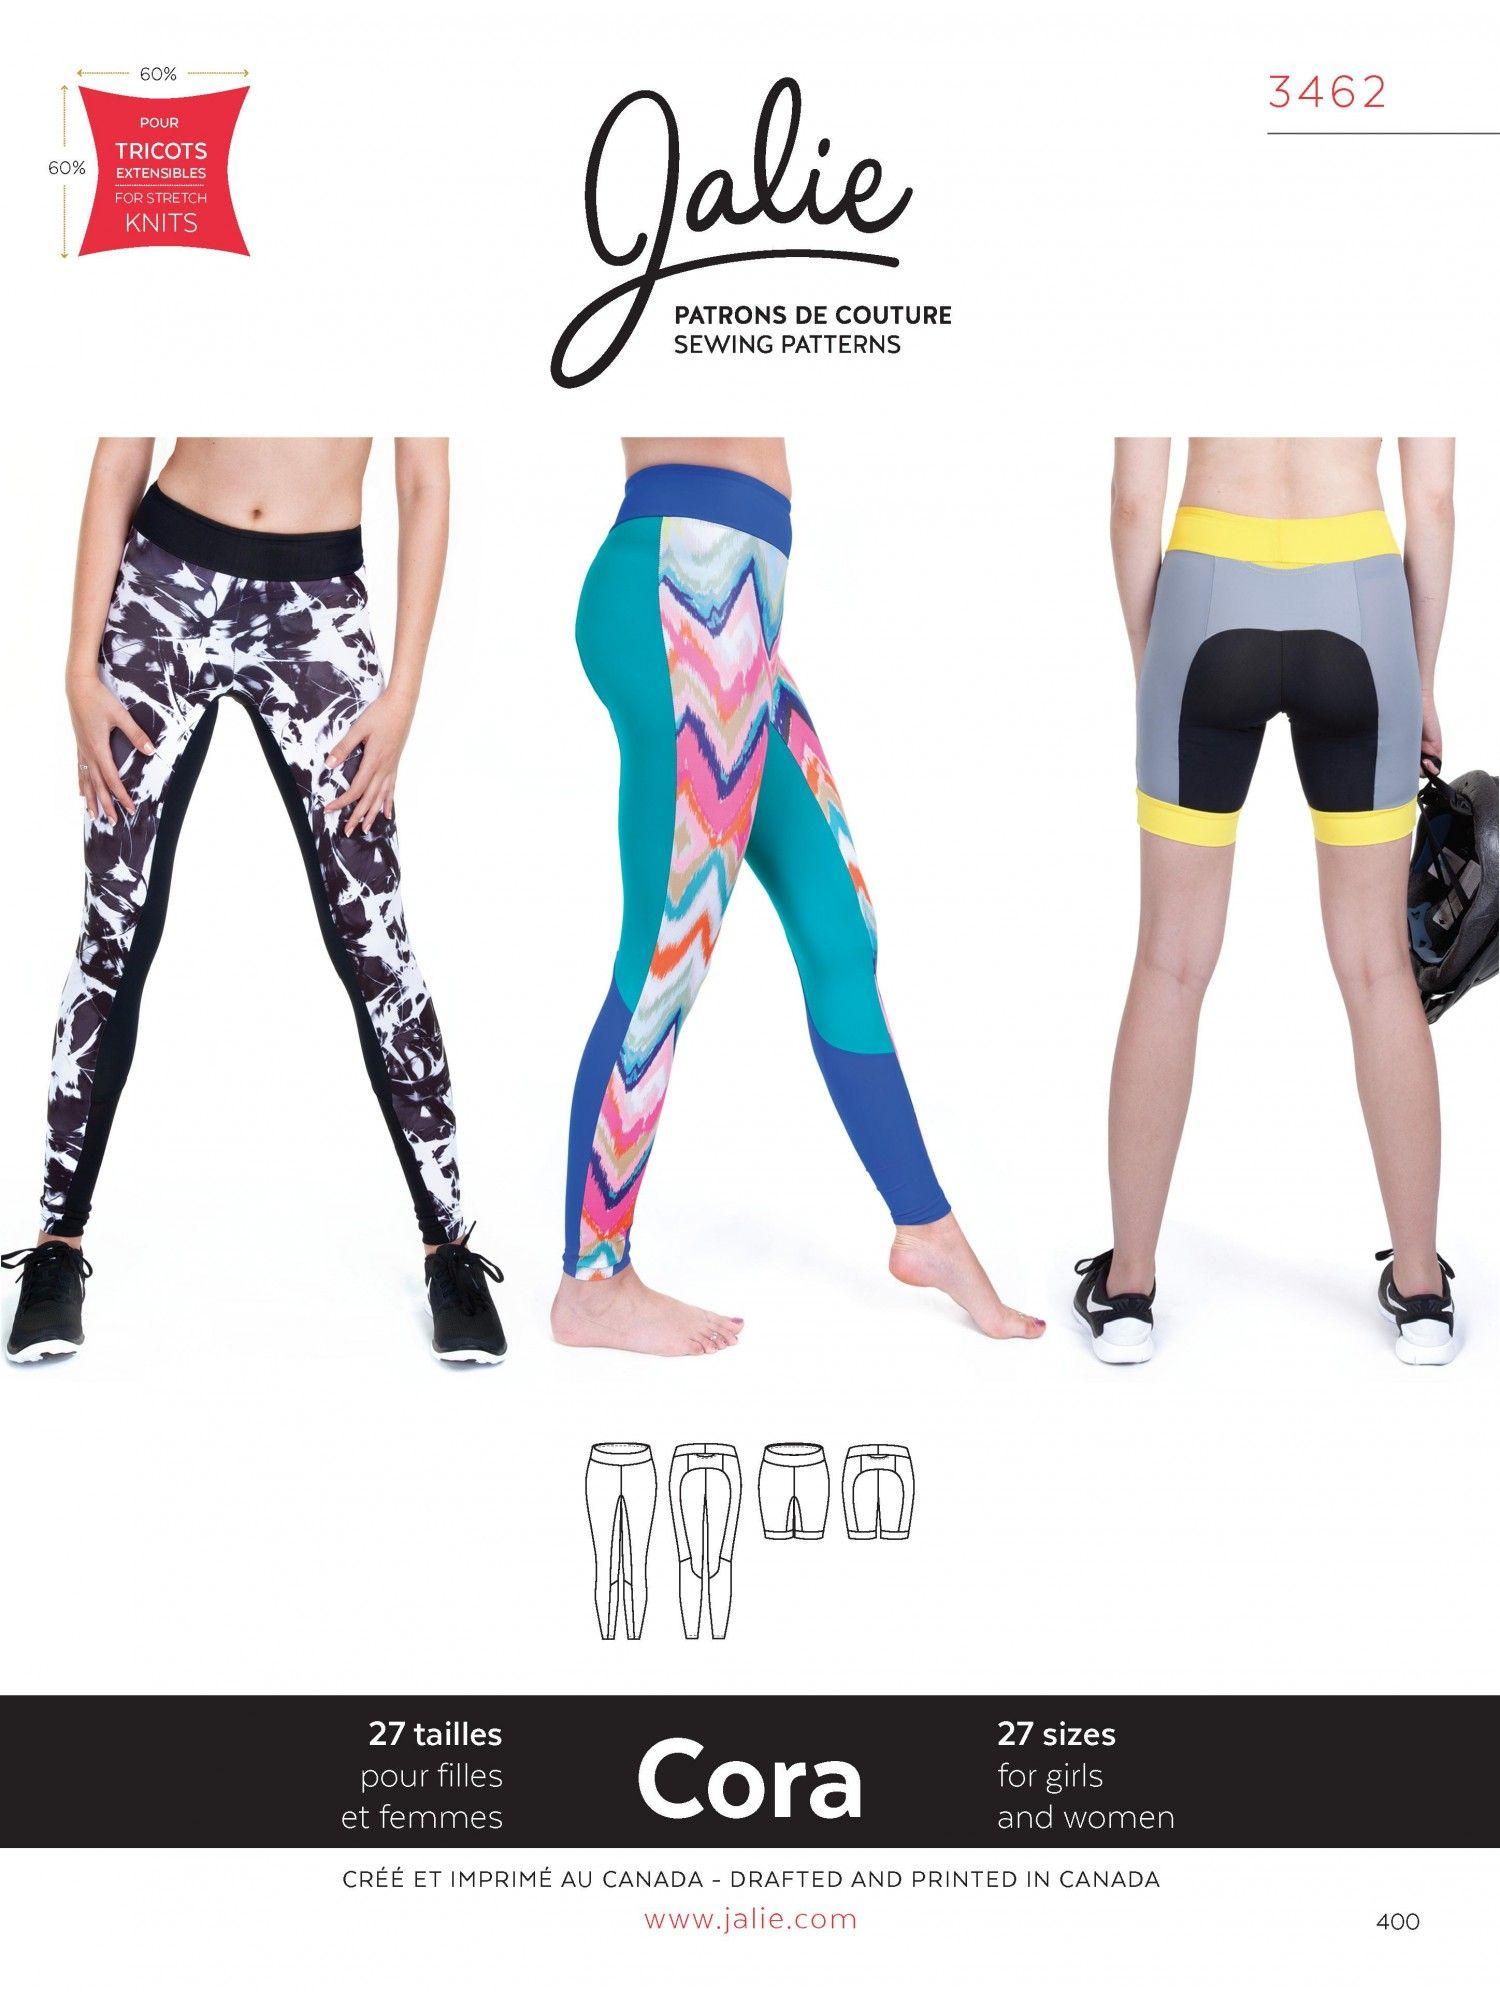 CORA Tights and Shorts